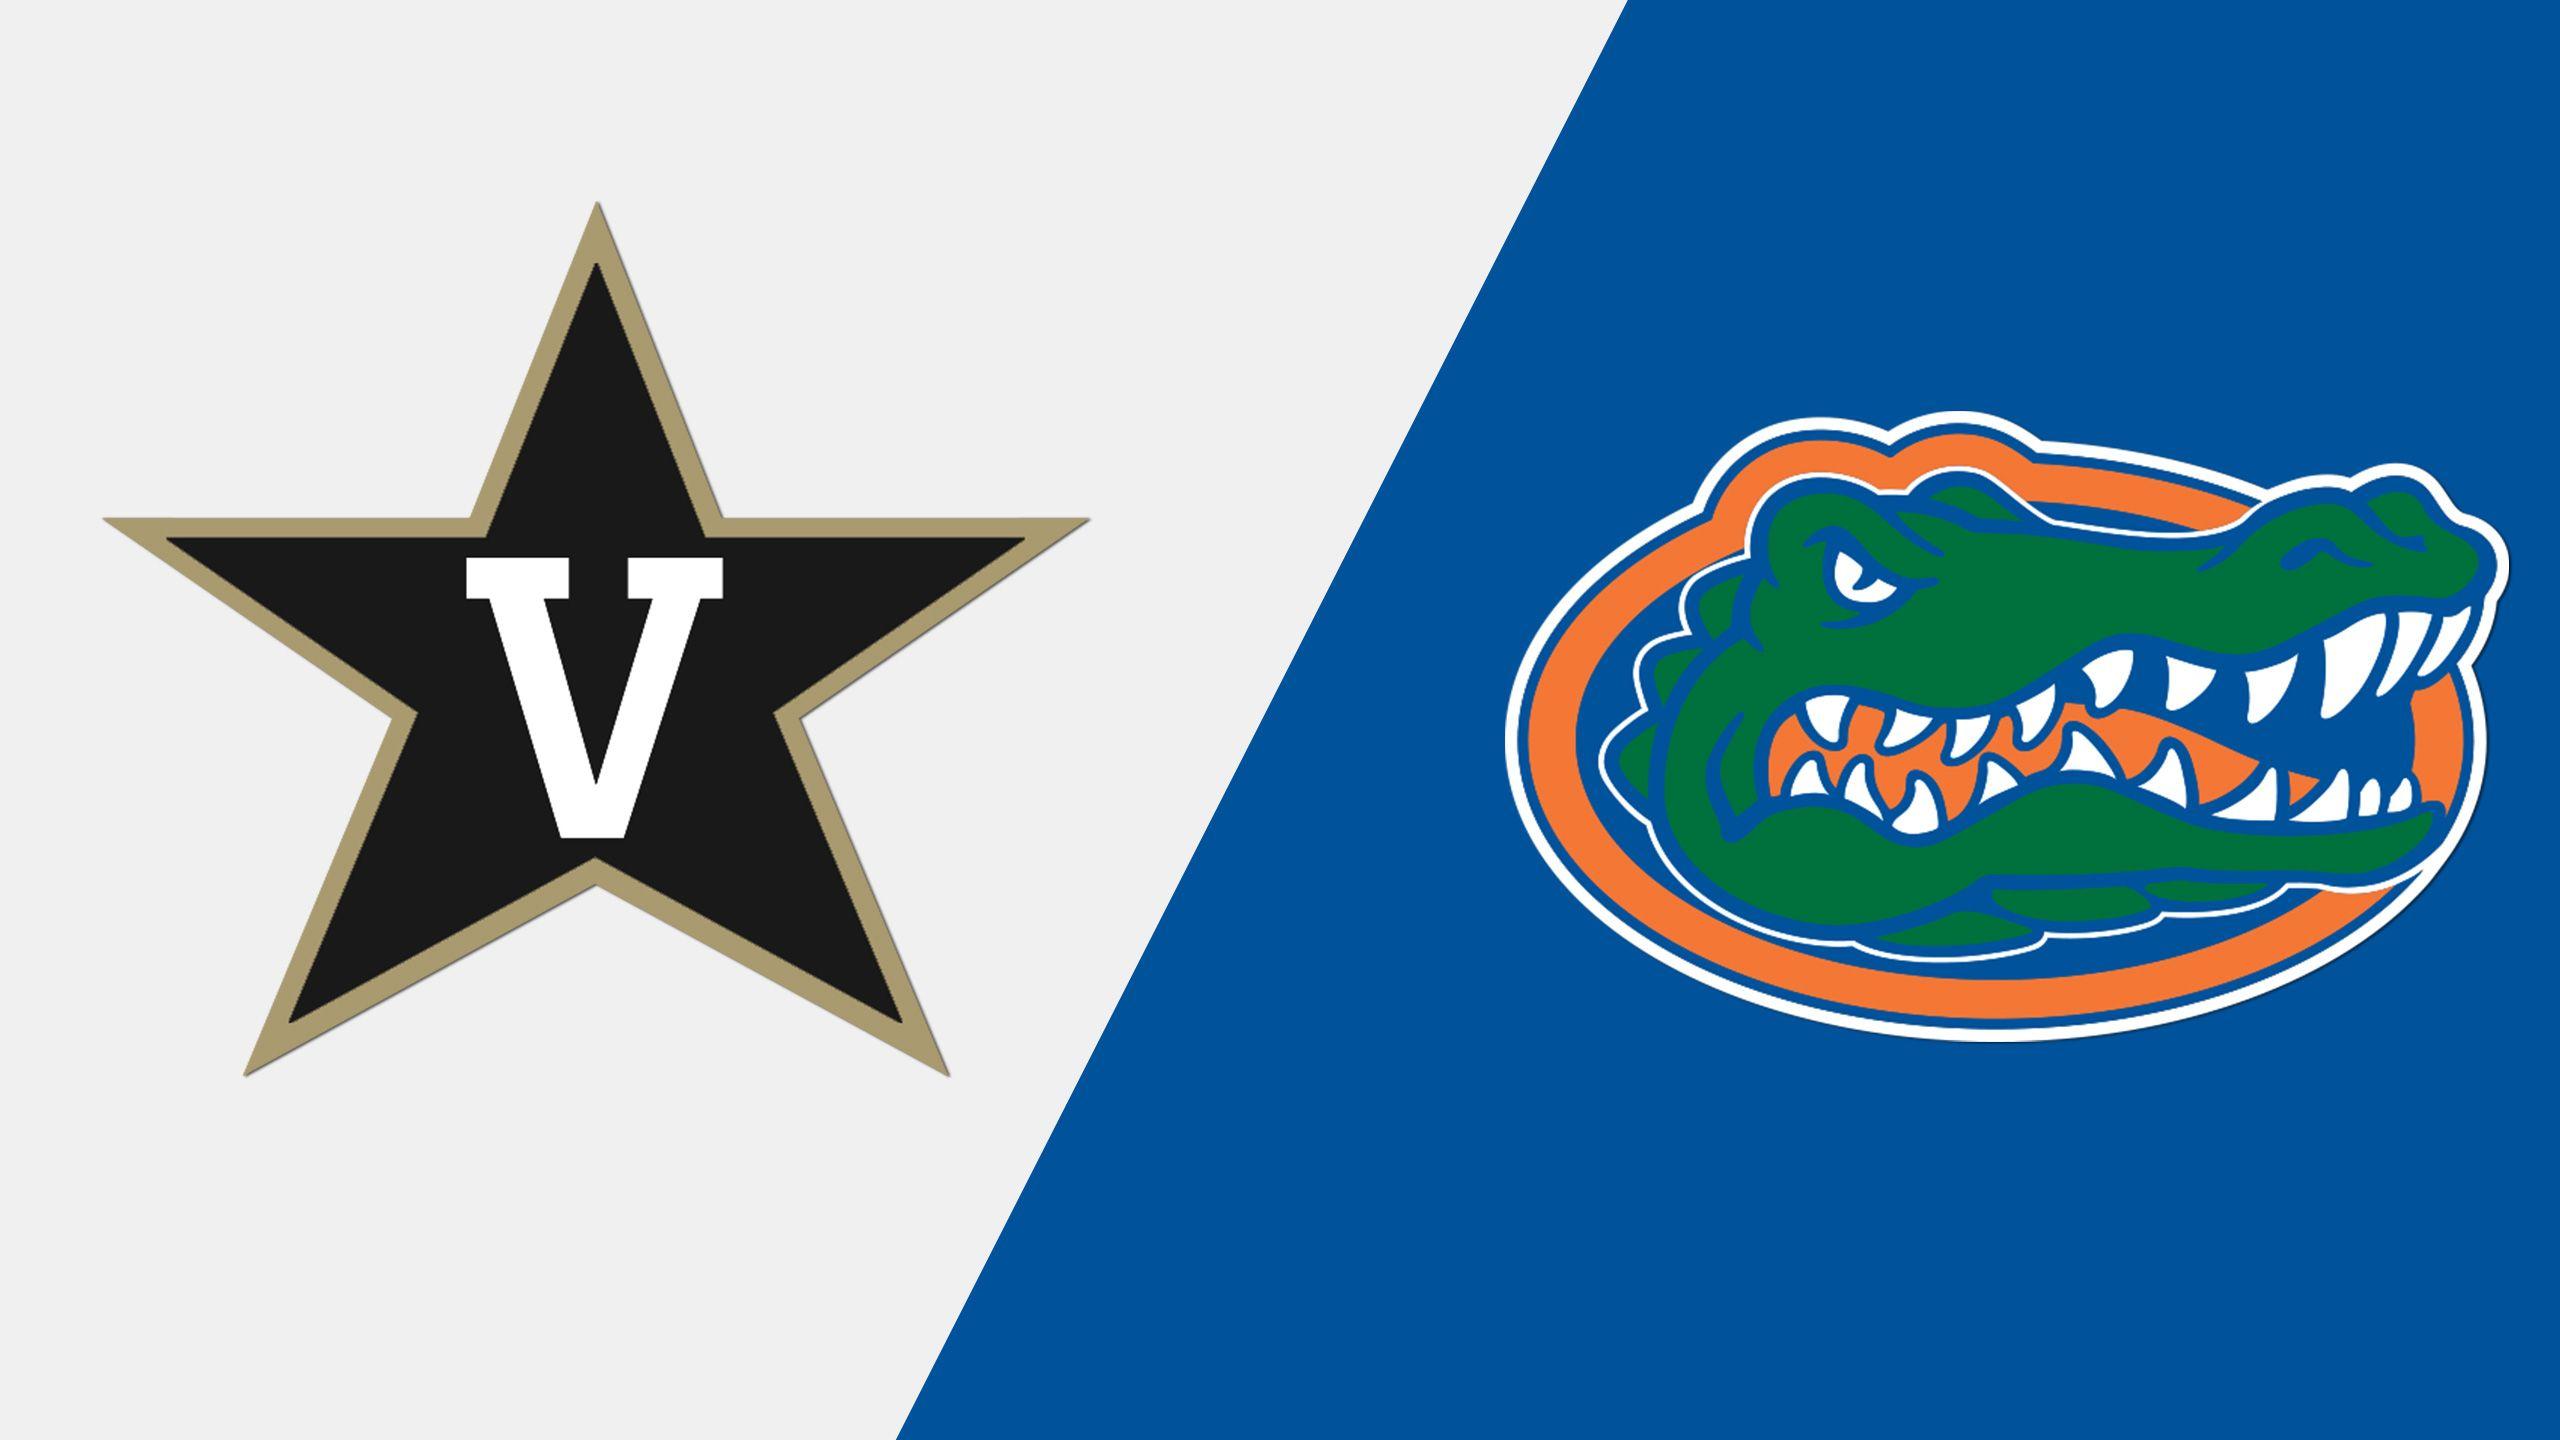 #8 Vanderbilt vs. #2 Florida (Baseball)